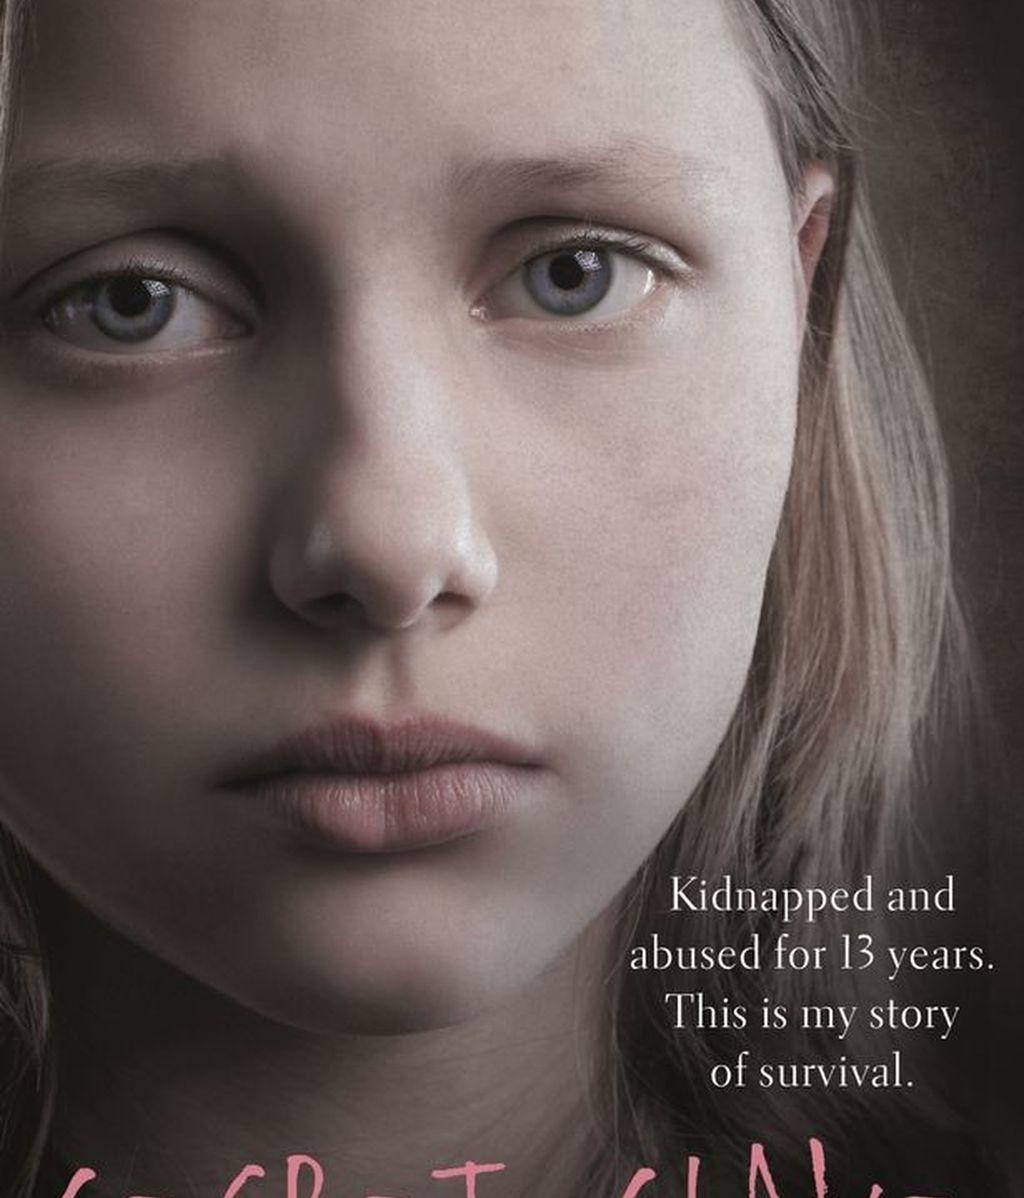 El horror de una británica tras ser secuestrada y usada como esclava sexual durante 13 años